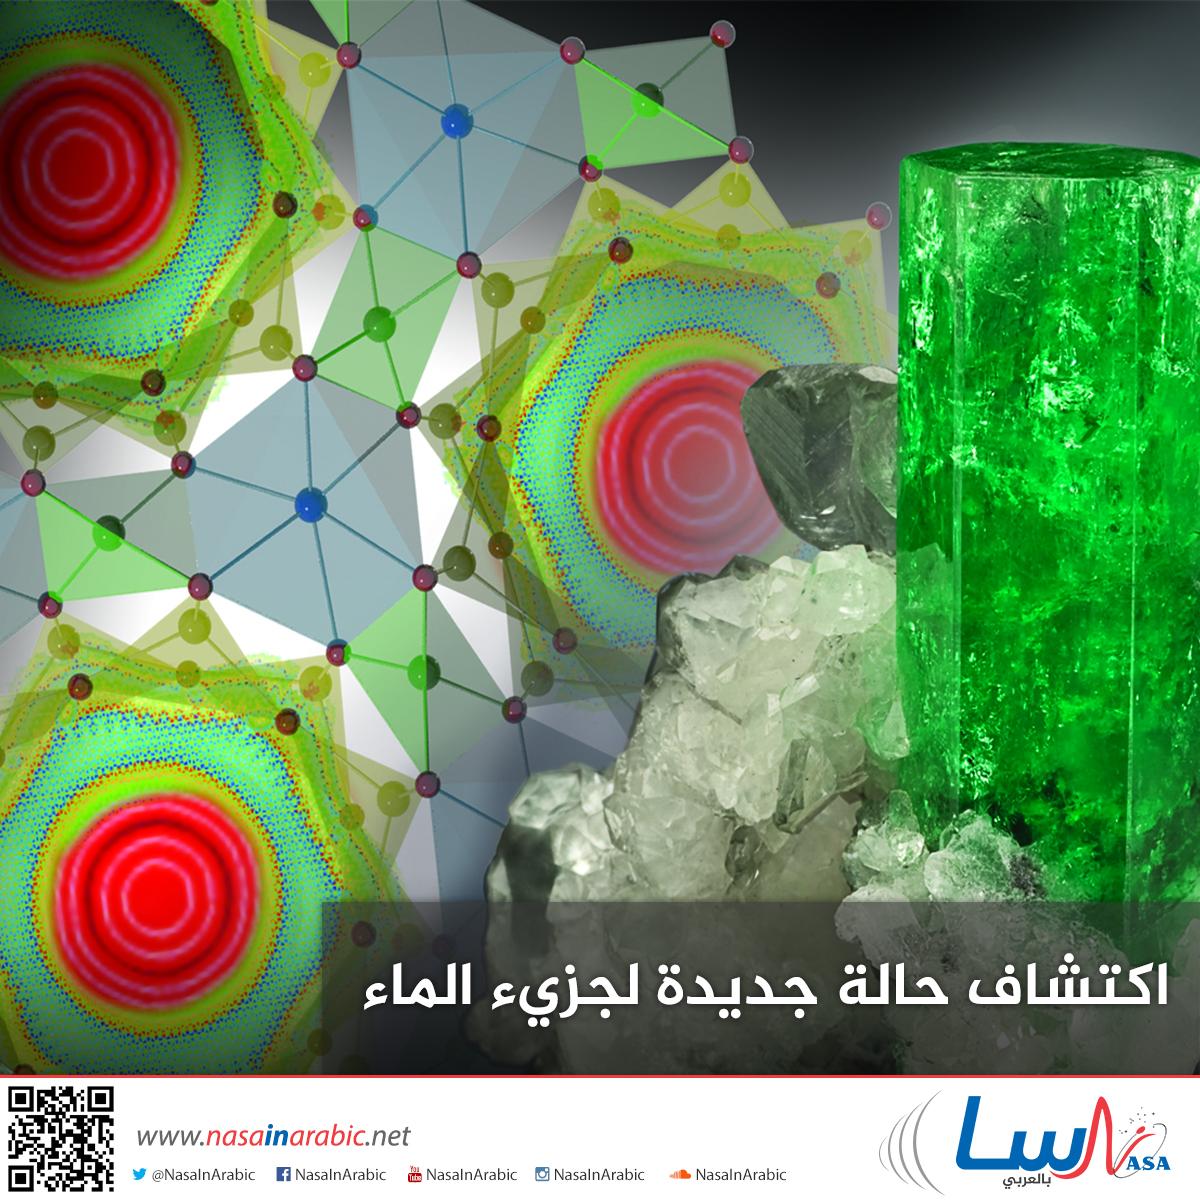 اكتشاف حالة جديدة لجزيء الماء